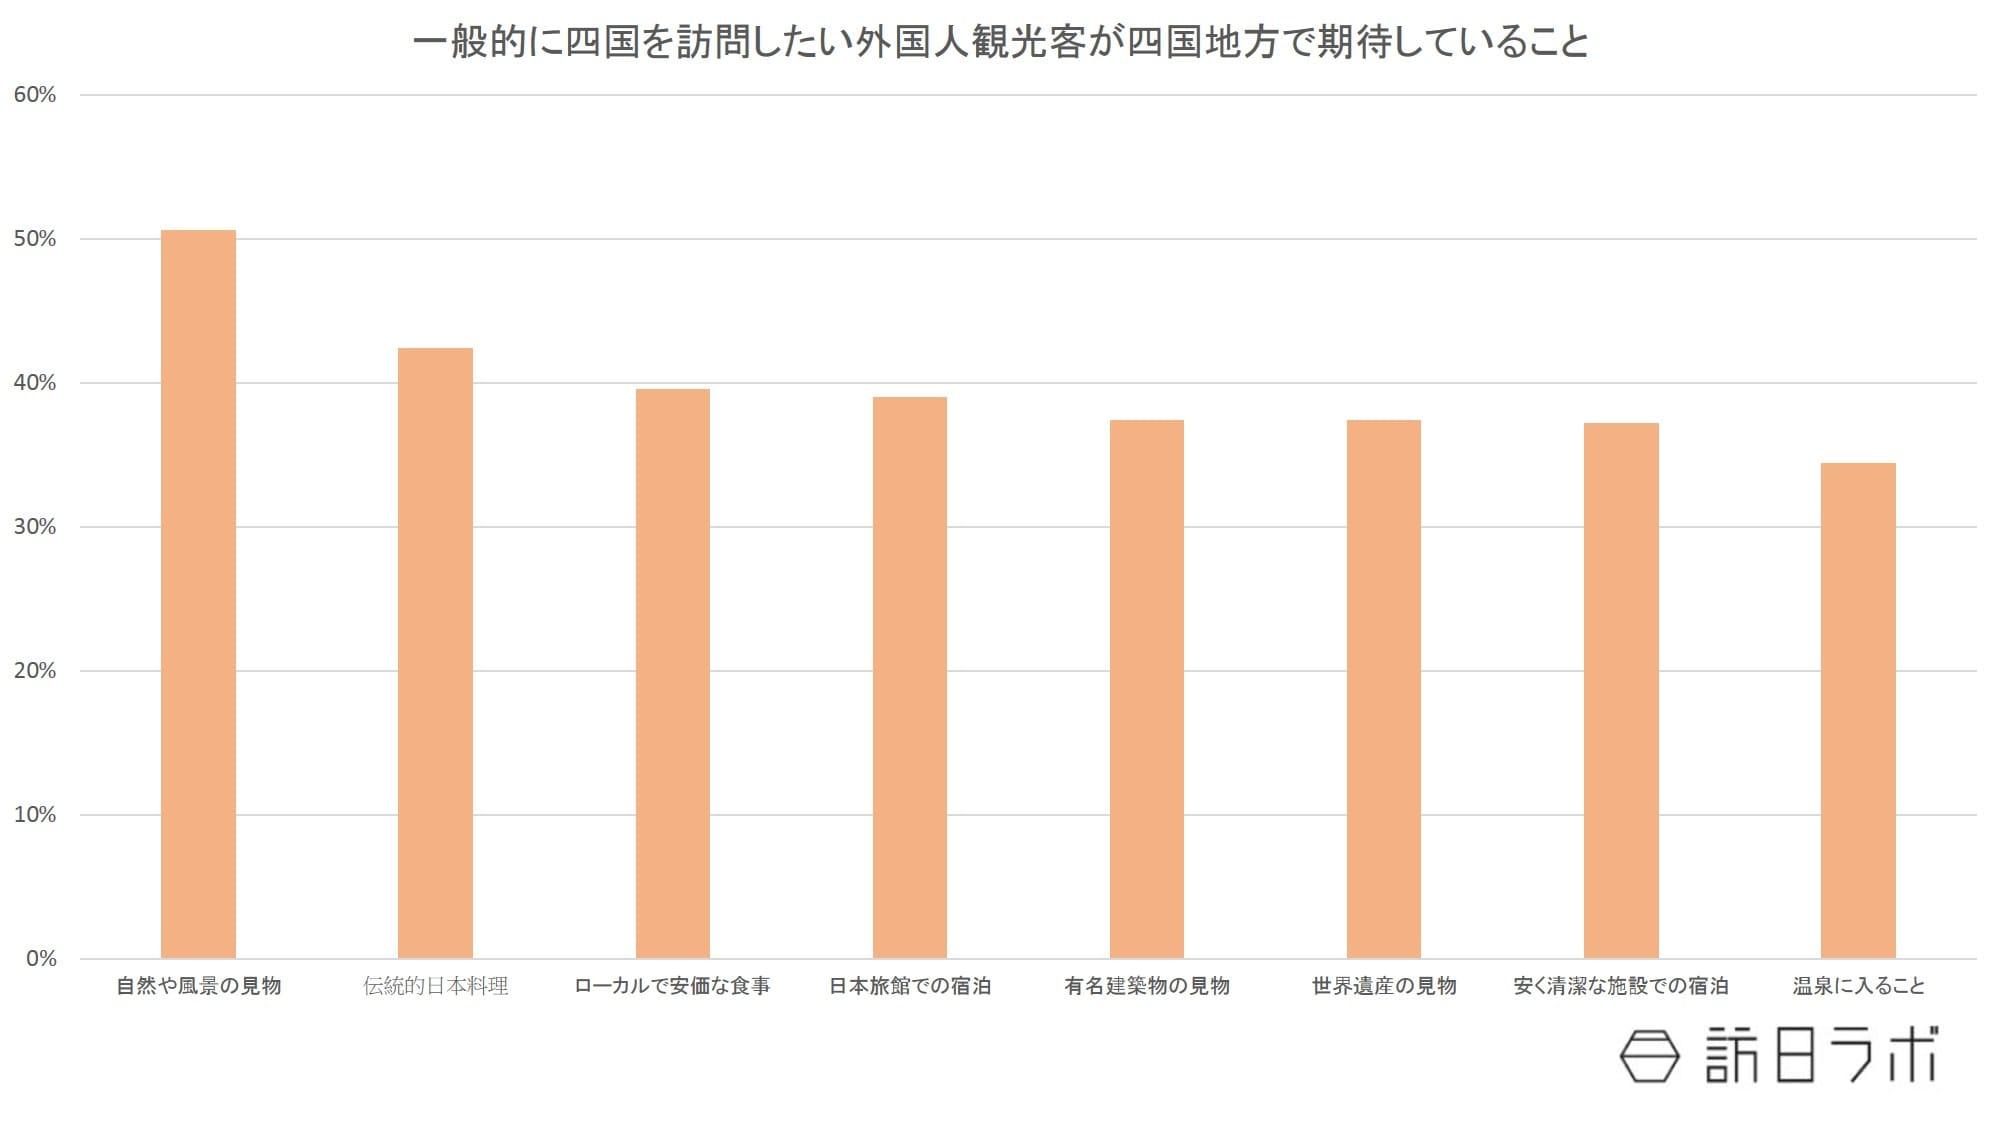 一般的に四国訪問希望者が四国で期待すること:日本政策投資銀行「四国のインバウンド観光動向-DBJ/JTBFアジア・欧米豪訪日外国人旅行者の意向調査(平成28年度版)結果等から-」より数値をグラフ化